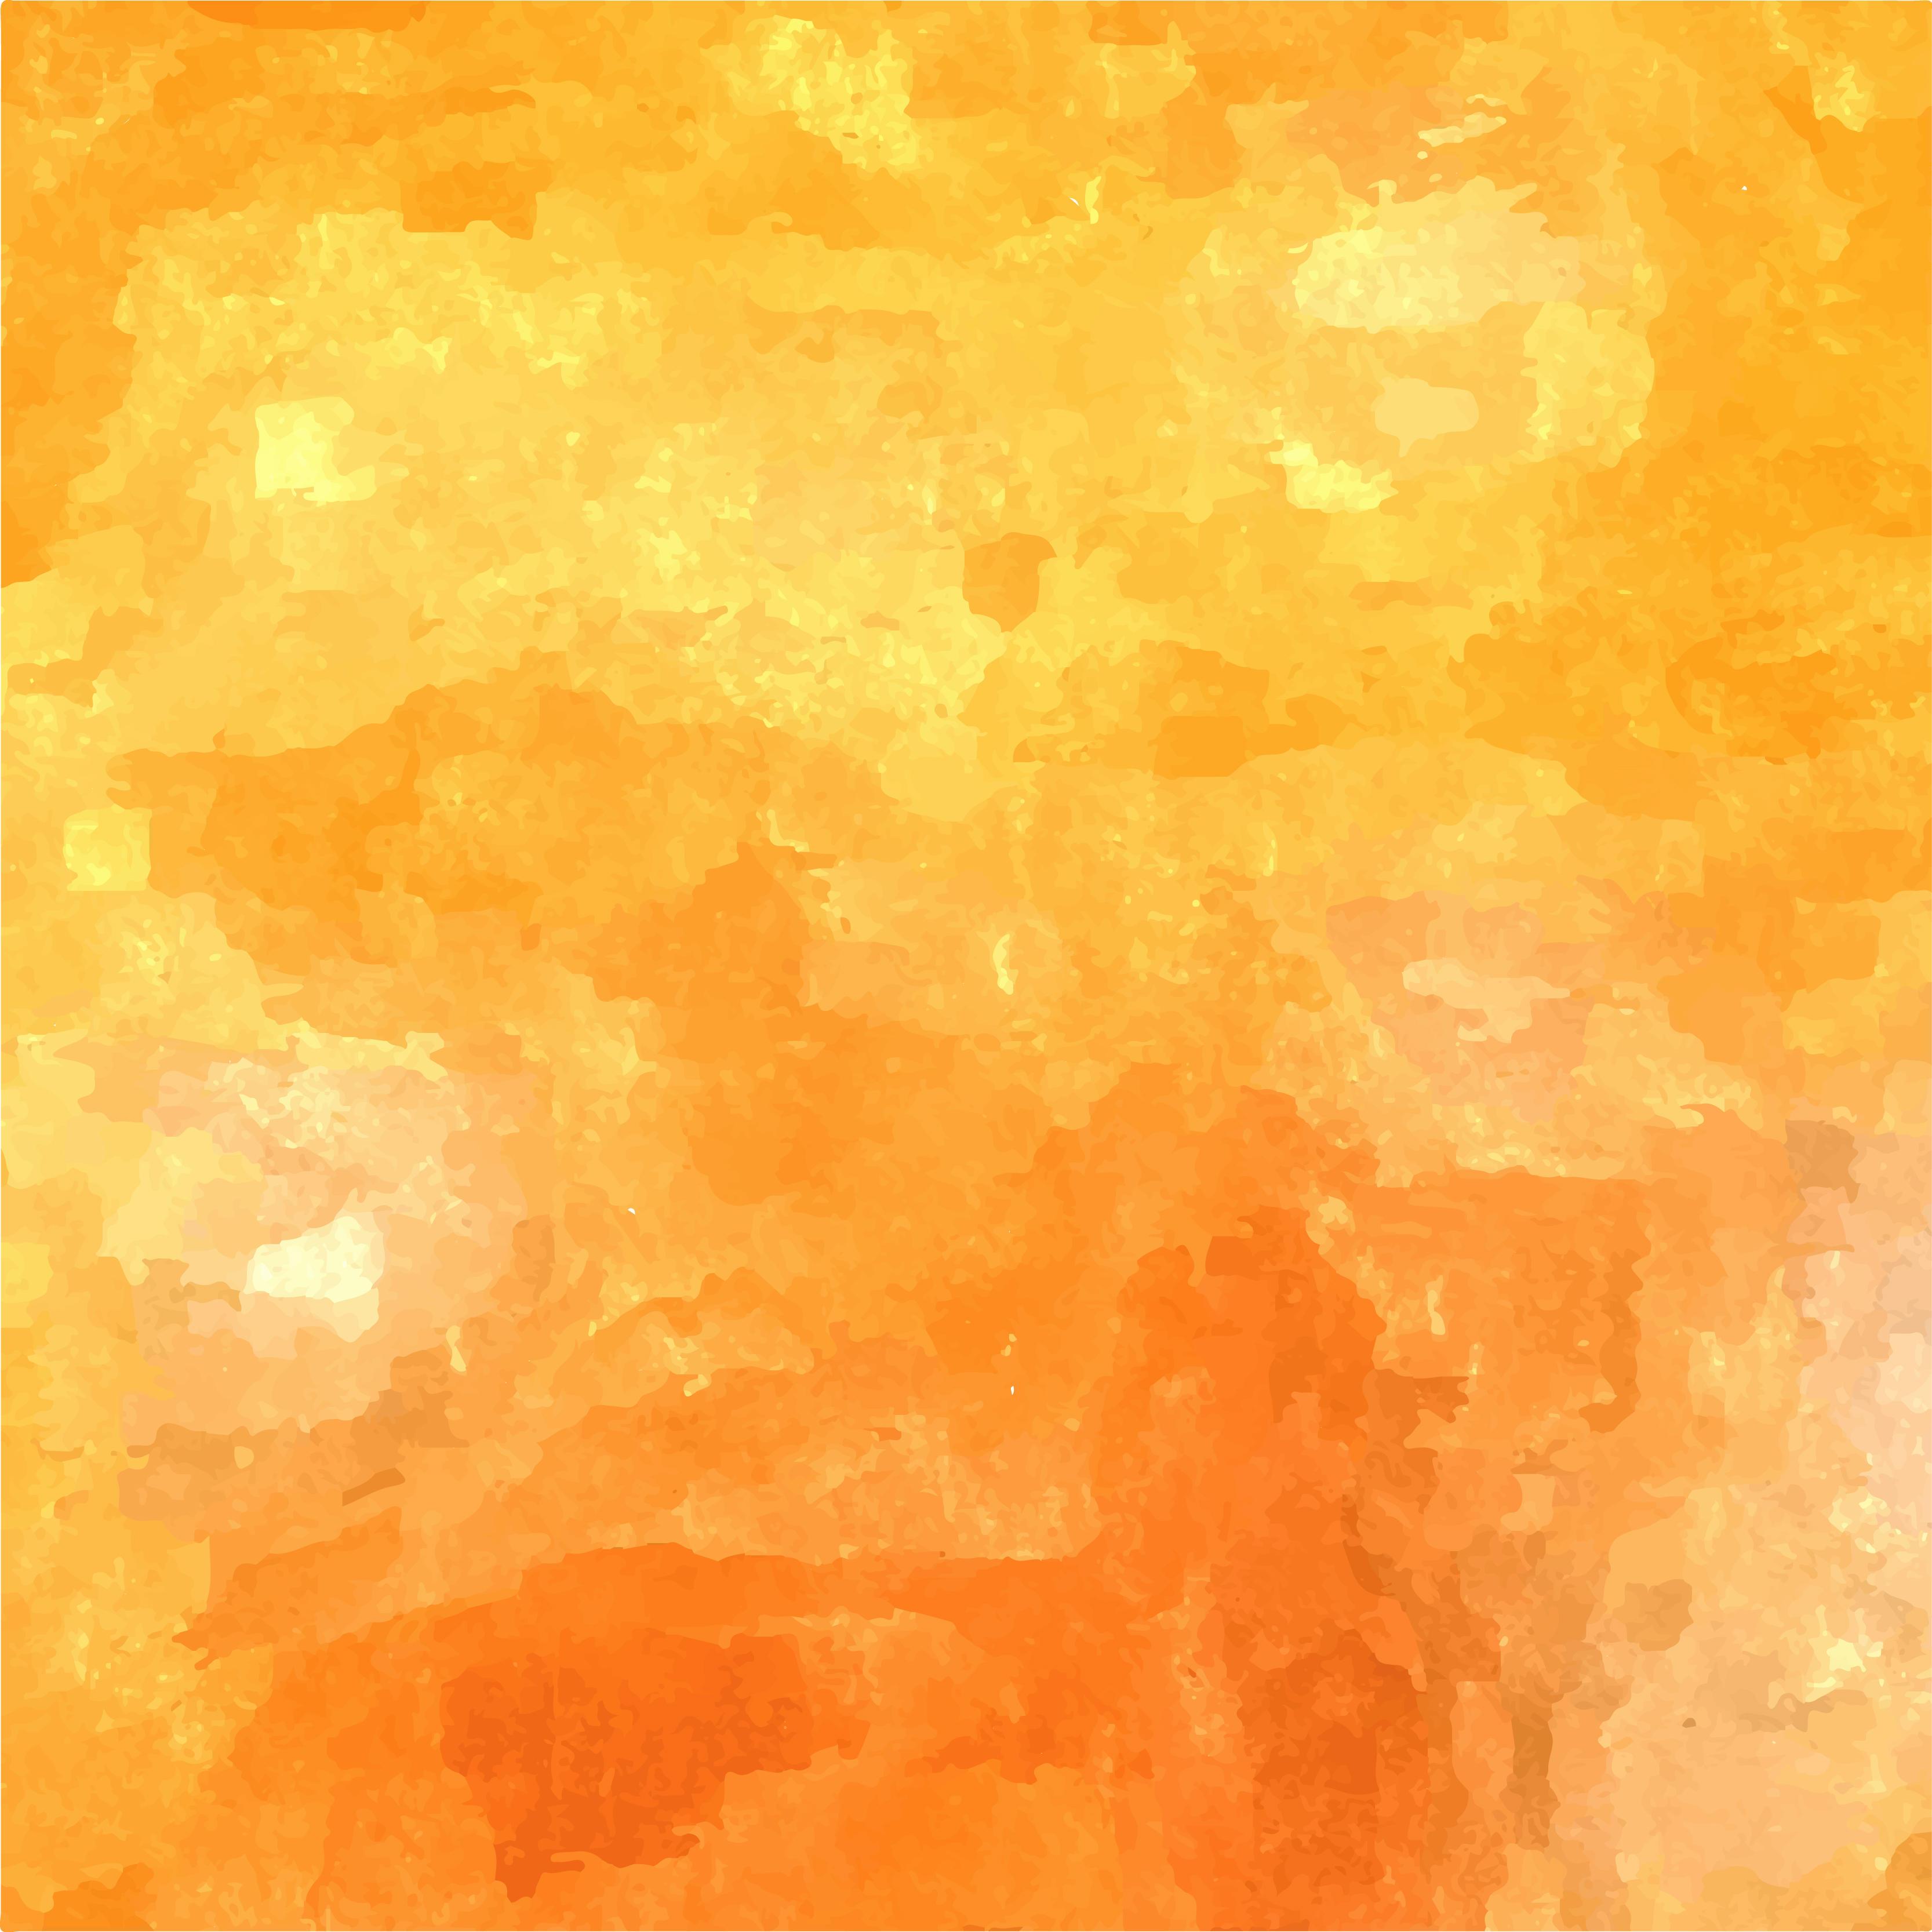 Orange Watercolor At GetDrawings